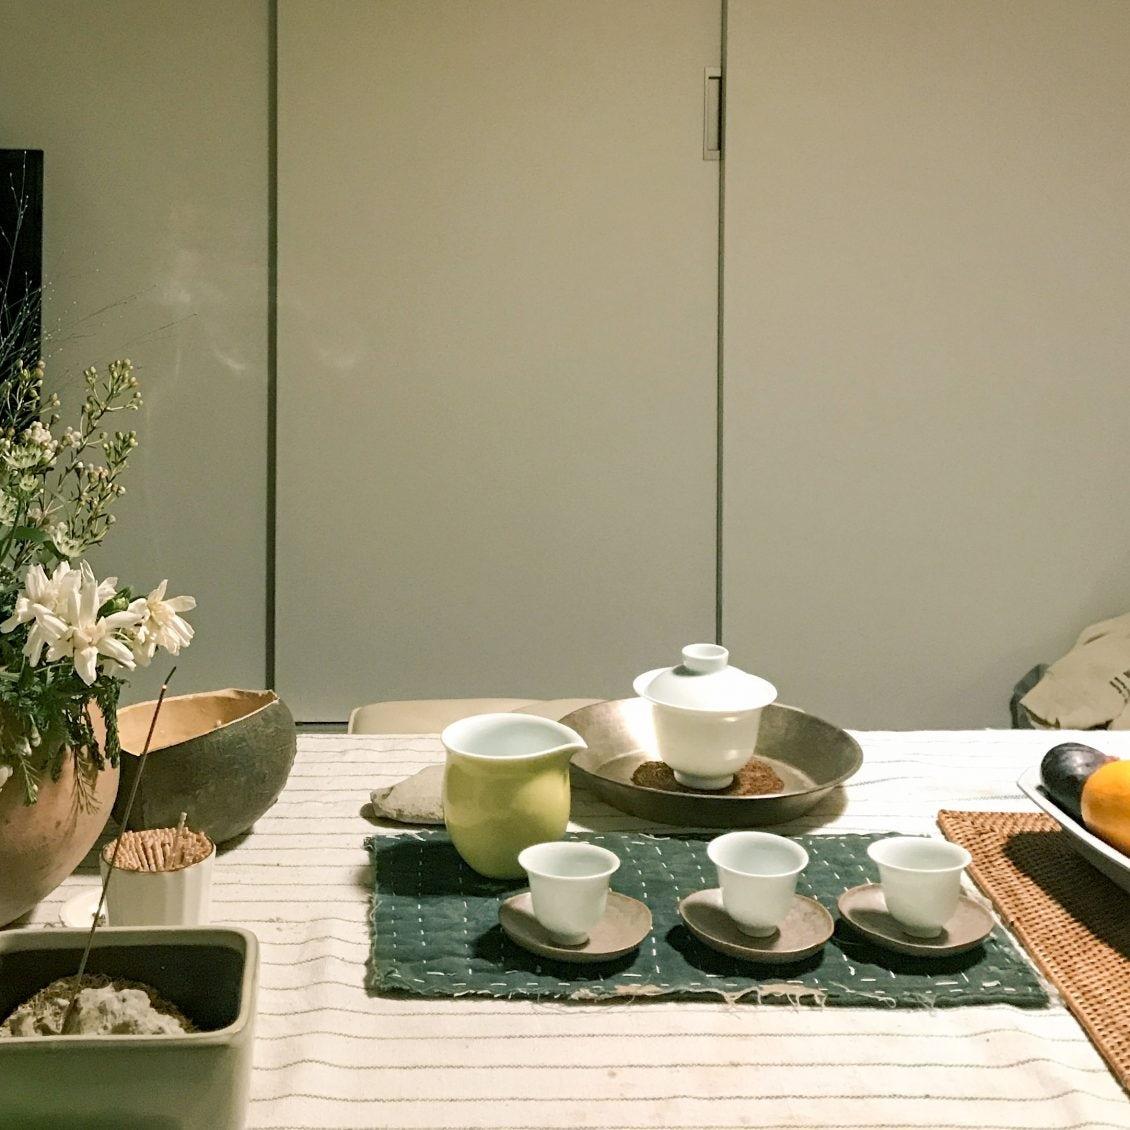 【スタッフコラム】お茶の香りに夢中です。